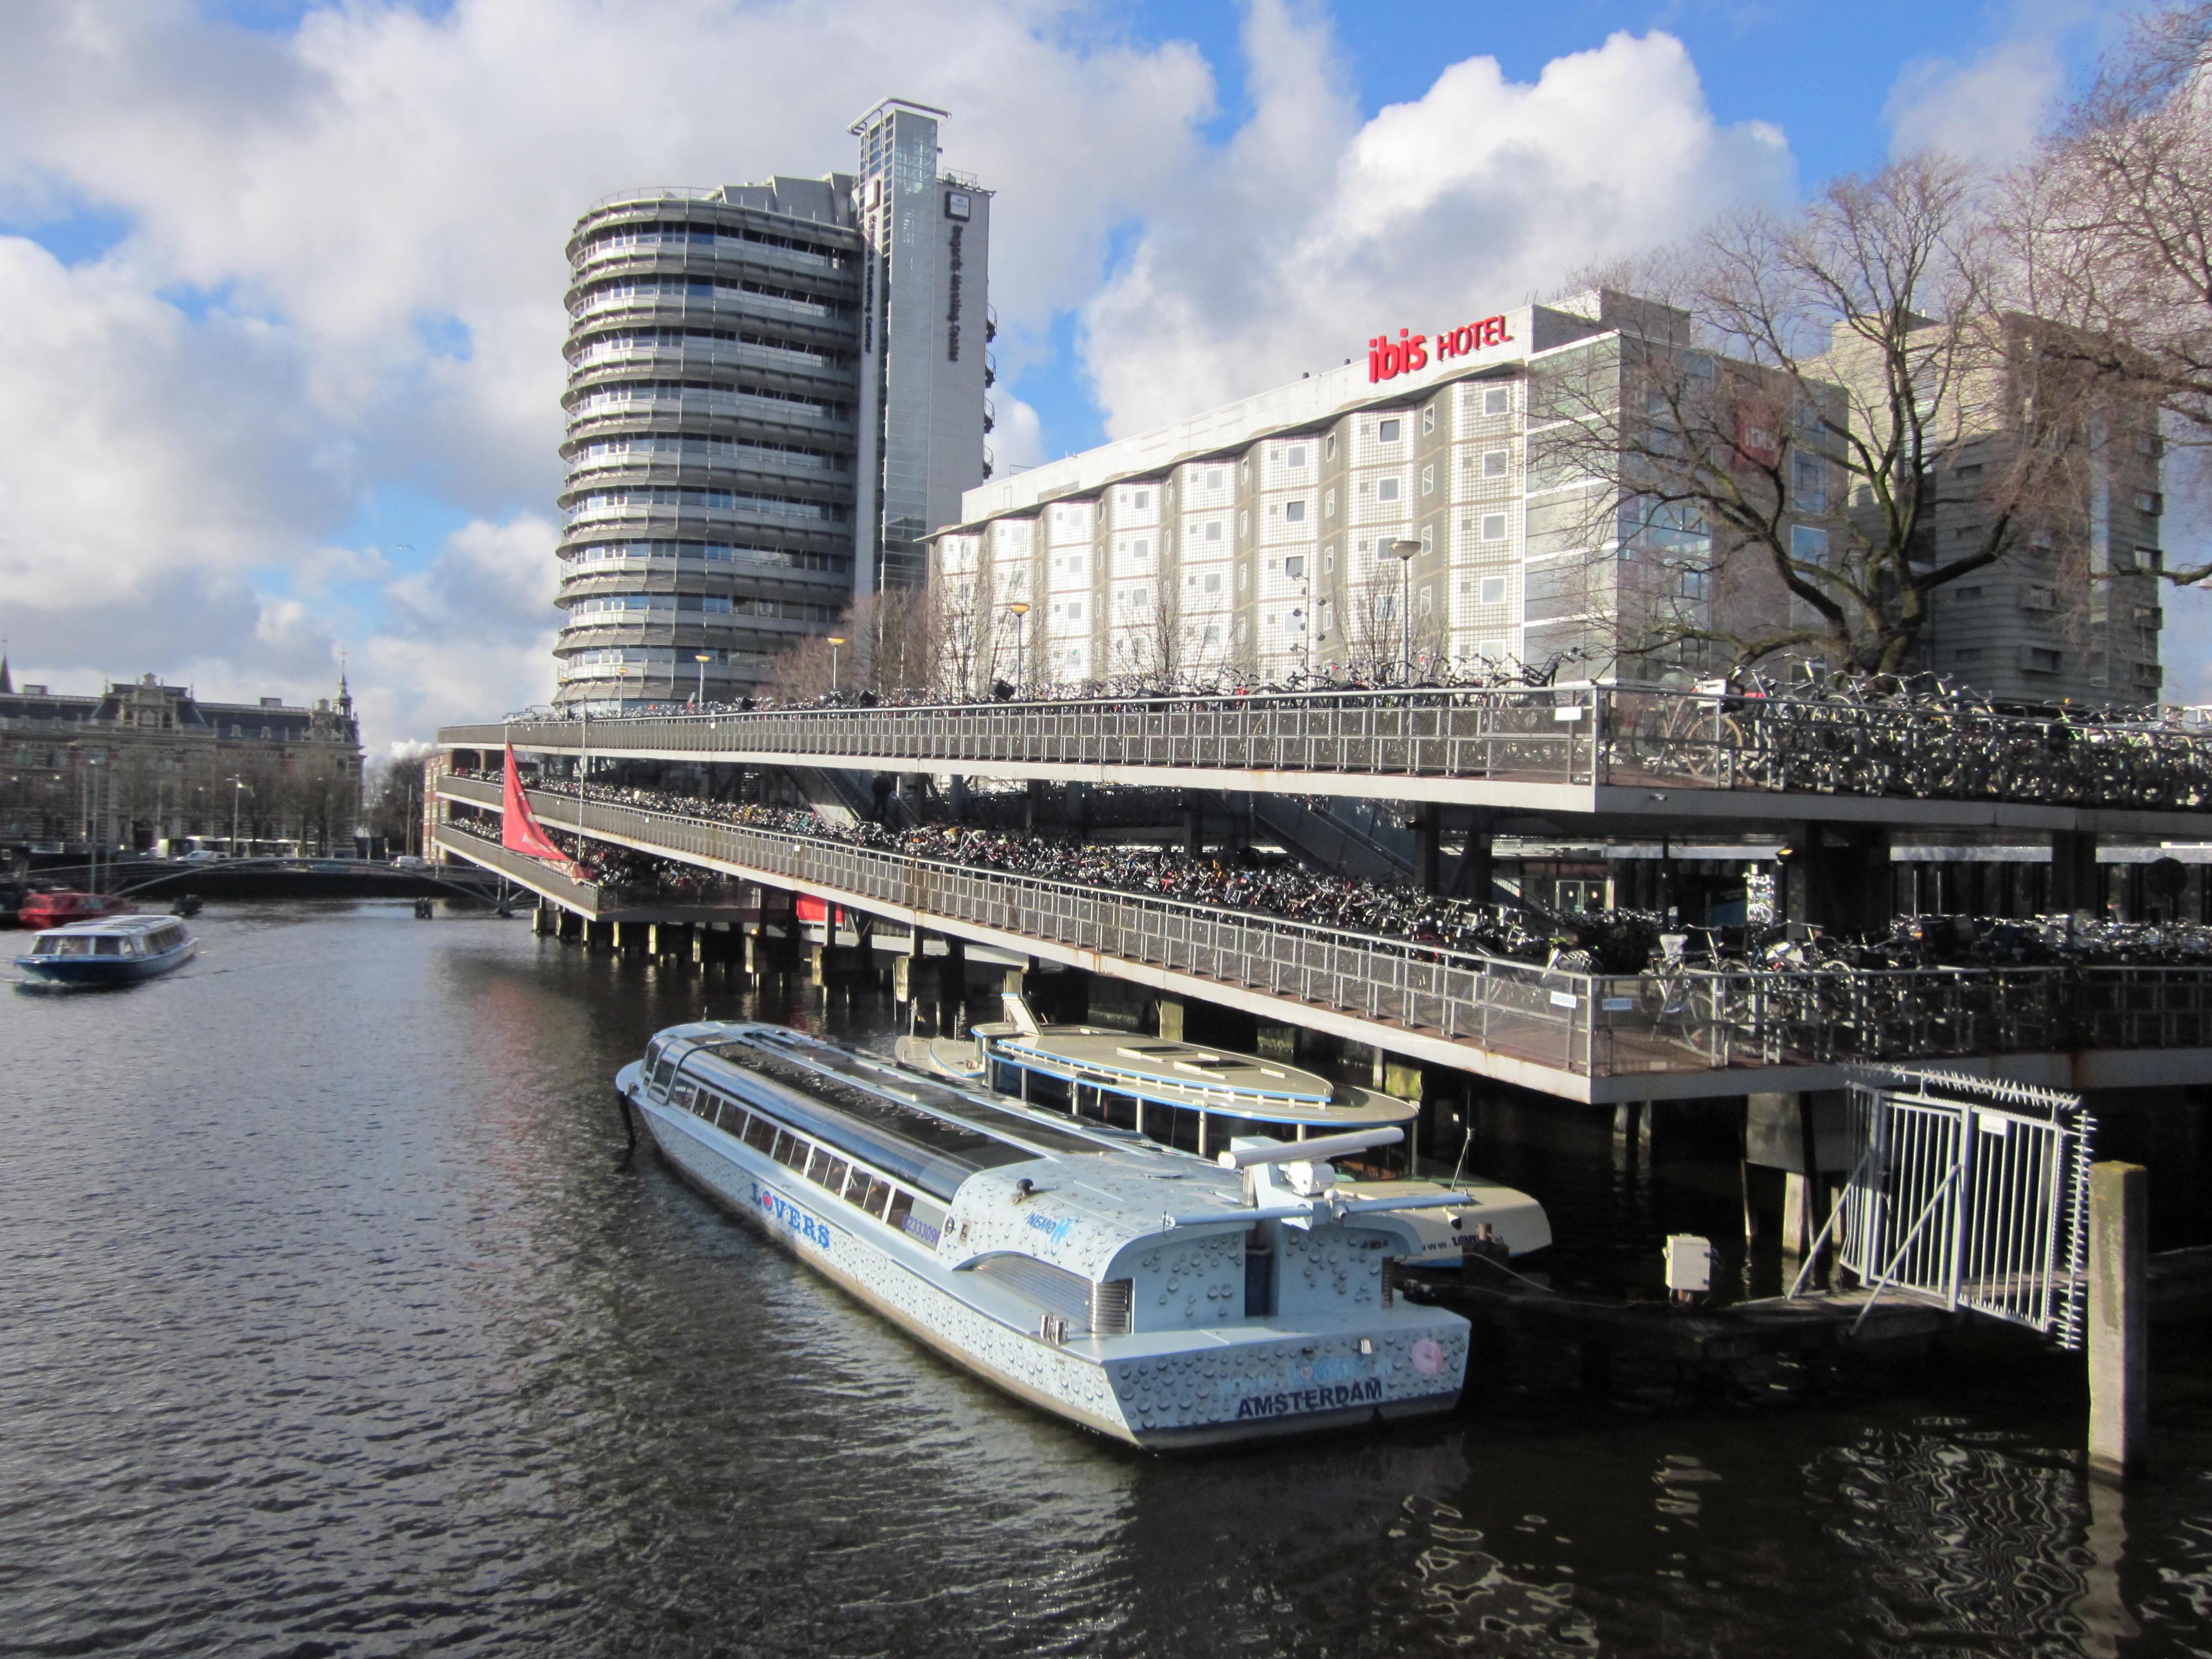 amsterdam niederlande holland hauptstadt fahrrad fahrräder kanal schiff jean above the clouds